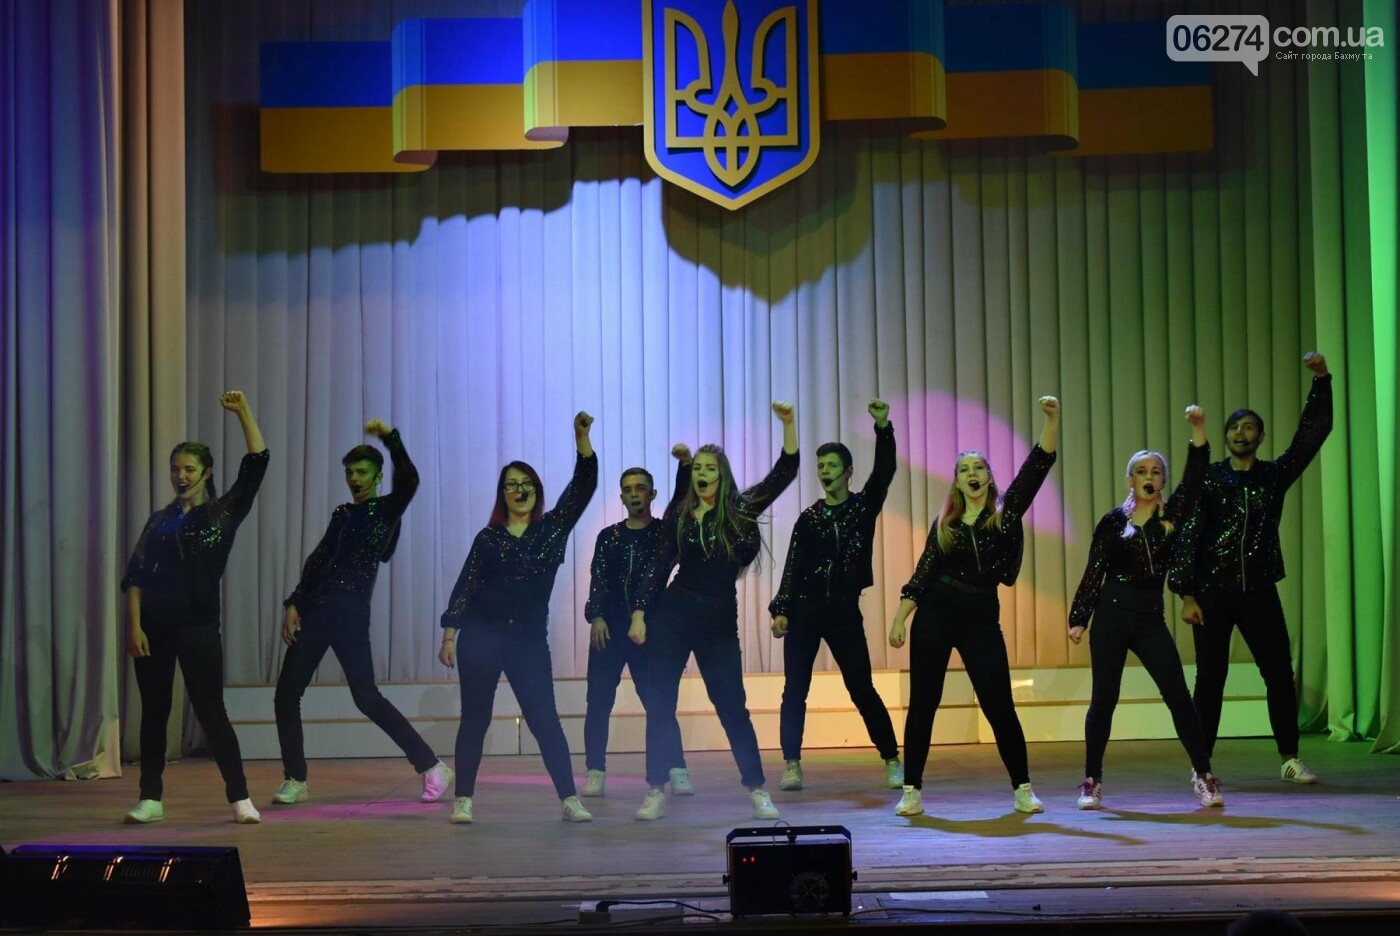 В Бахмуте празднуют День защитника Украины, фото-17